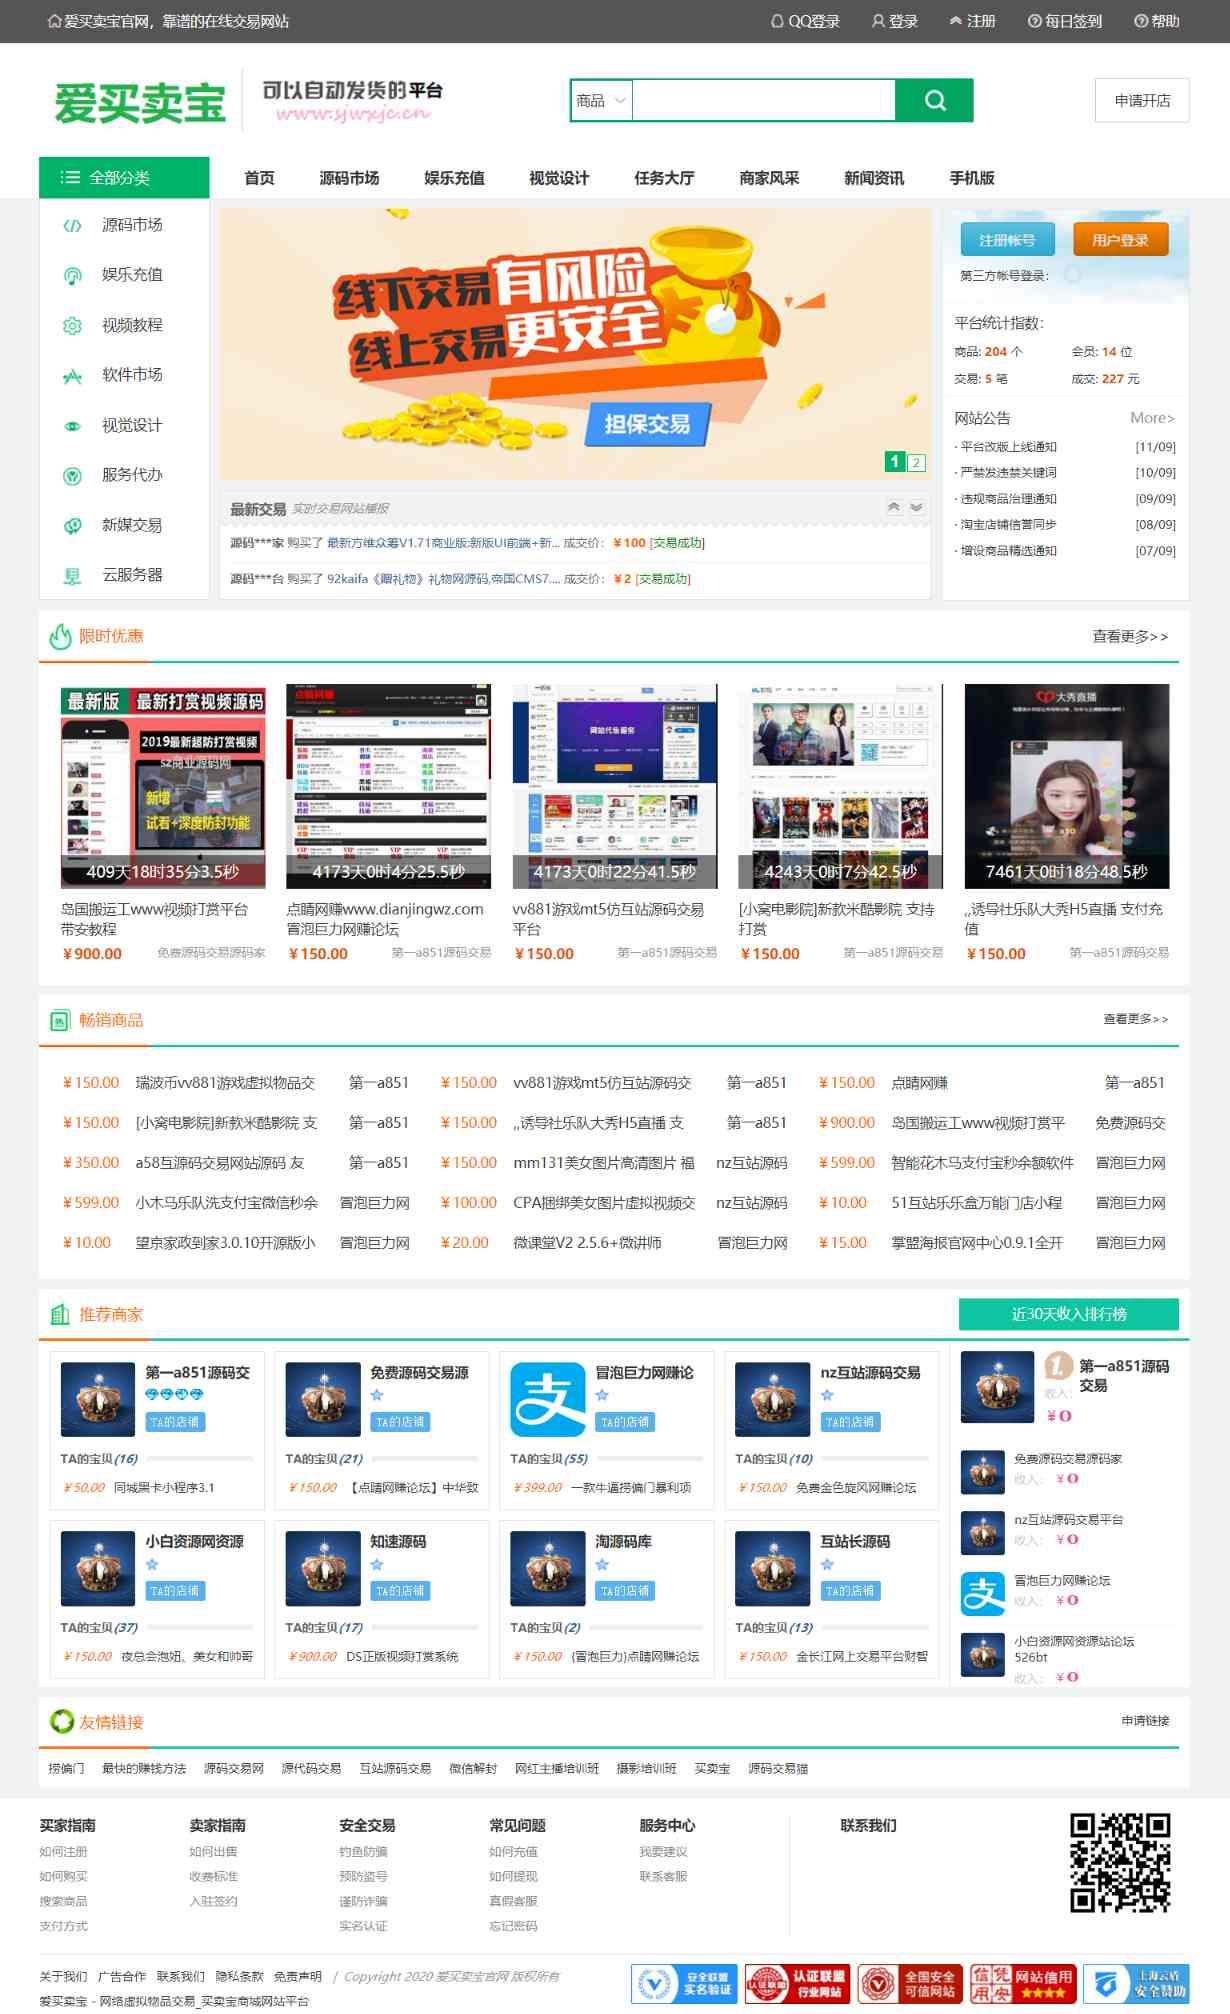 新站网源代码出售交易平台 友价t5商城系统